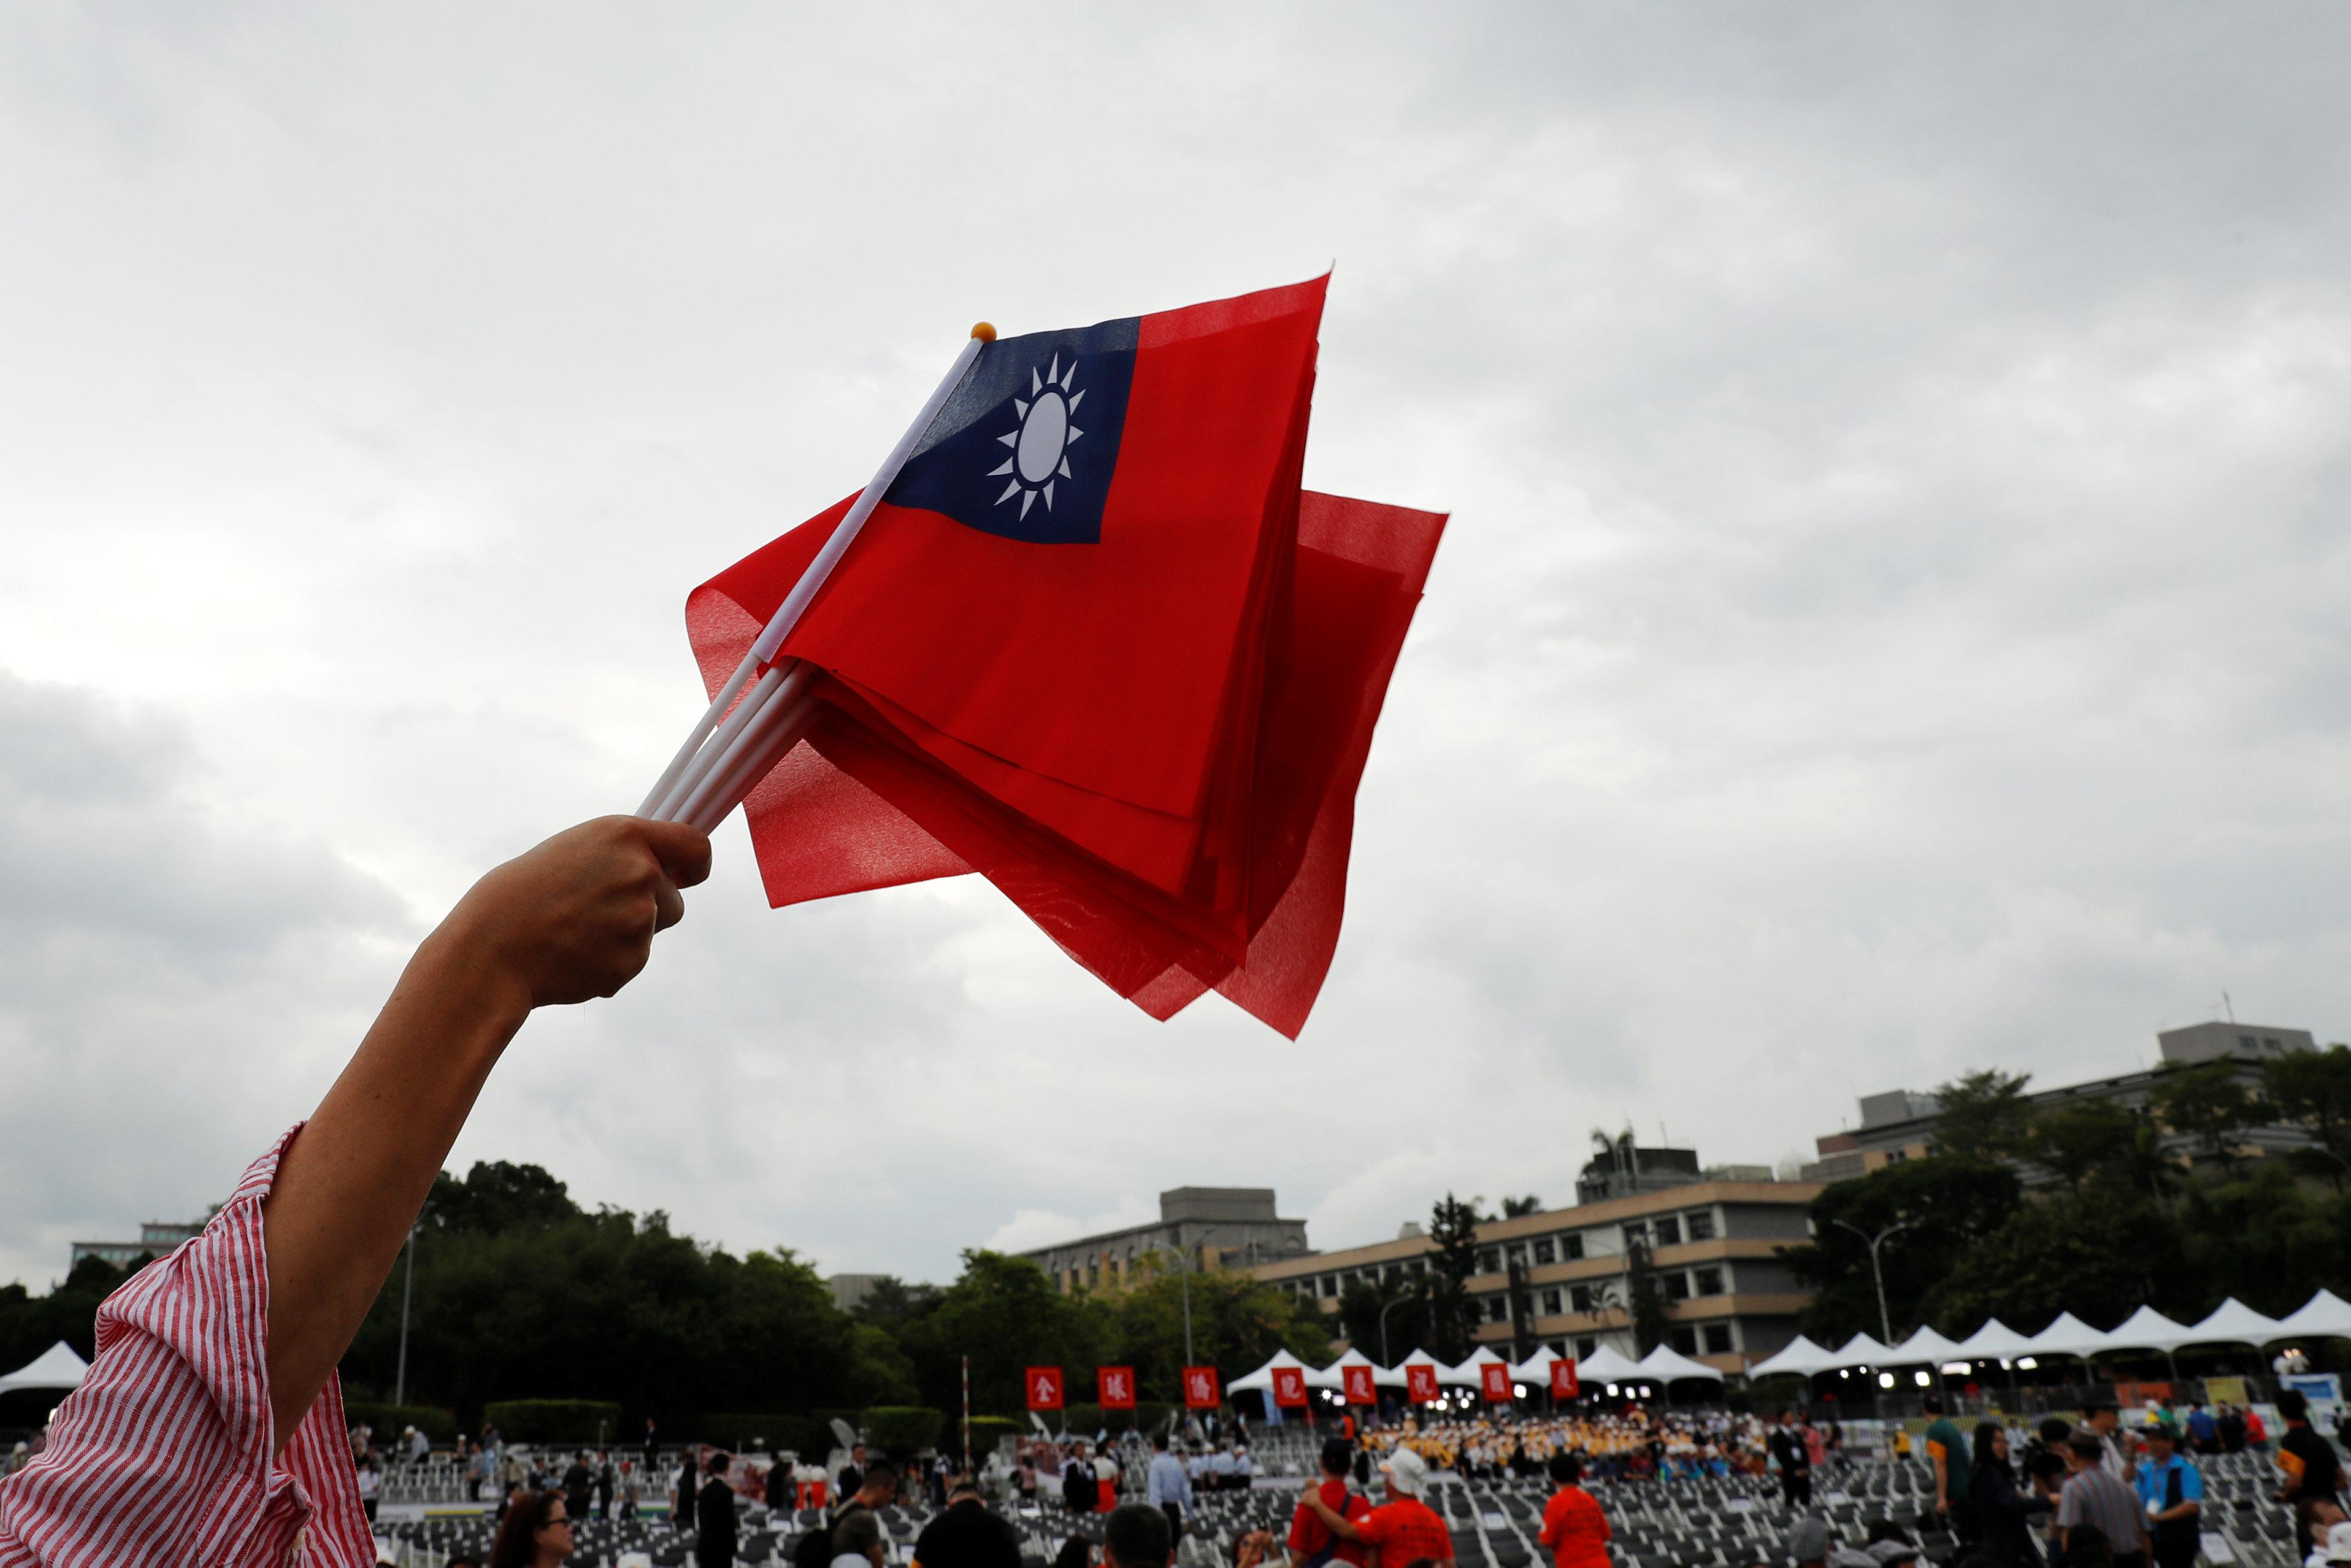 أعلام تايوان تتصدر المشهد فى الشوارع